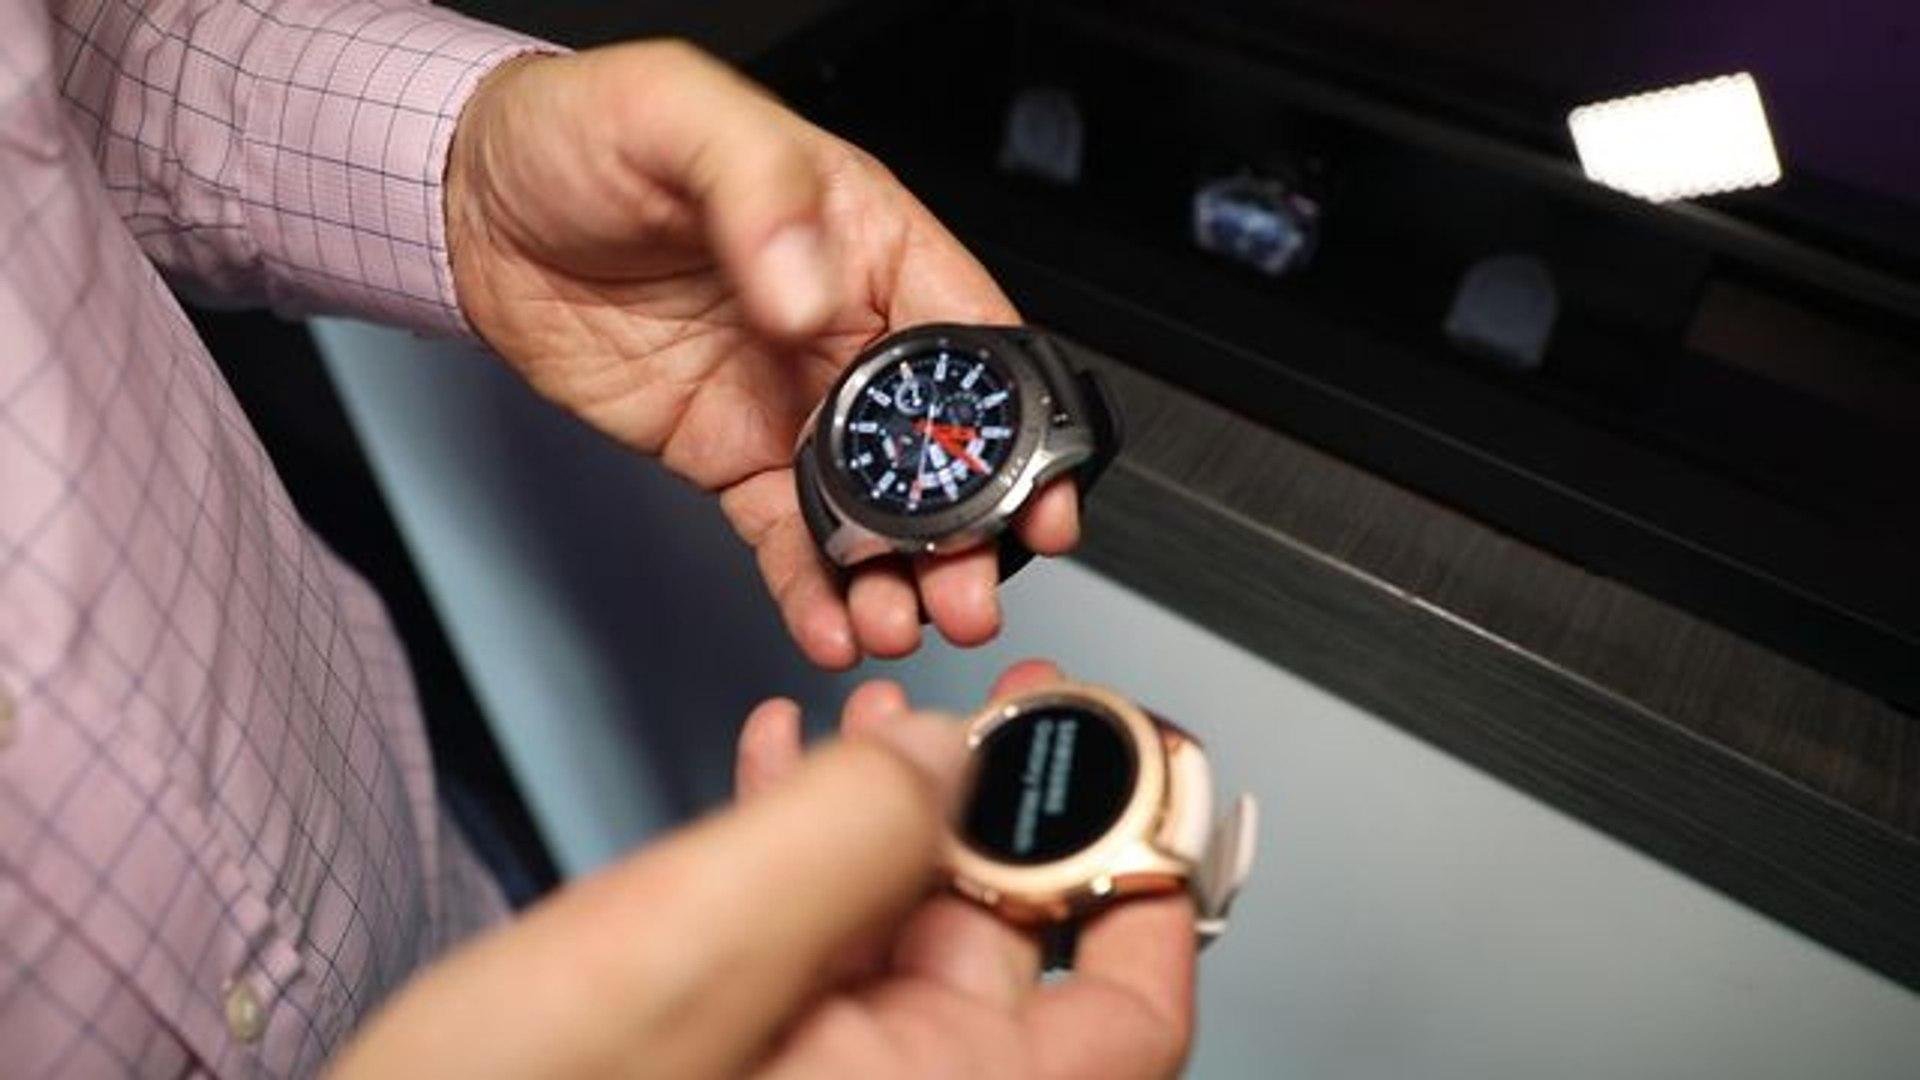 Samsung Galaxy Watch ticks better battery life